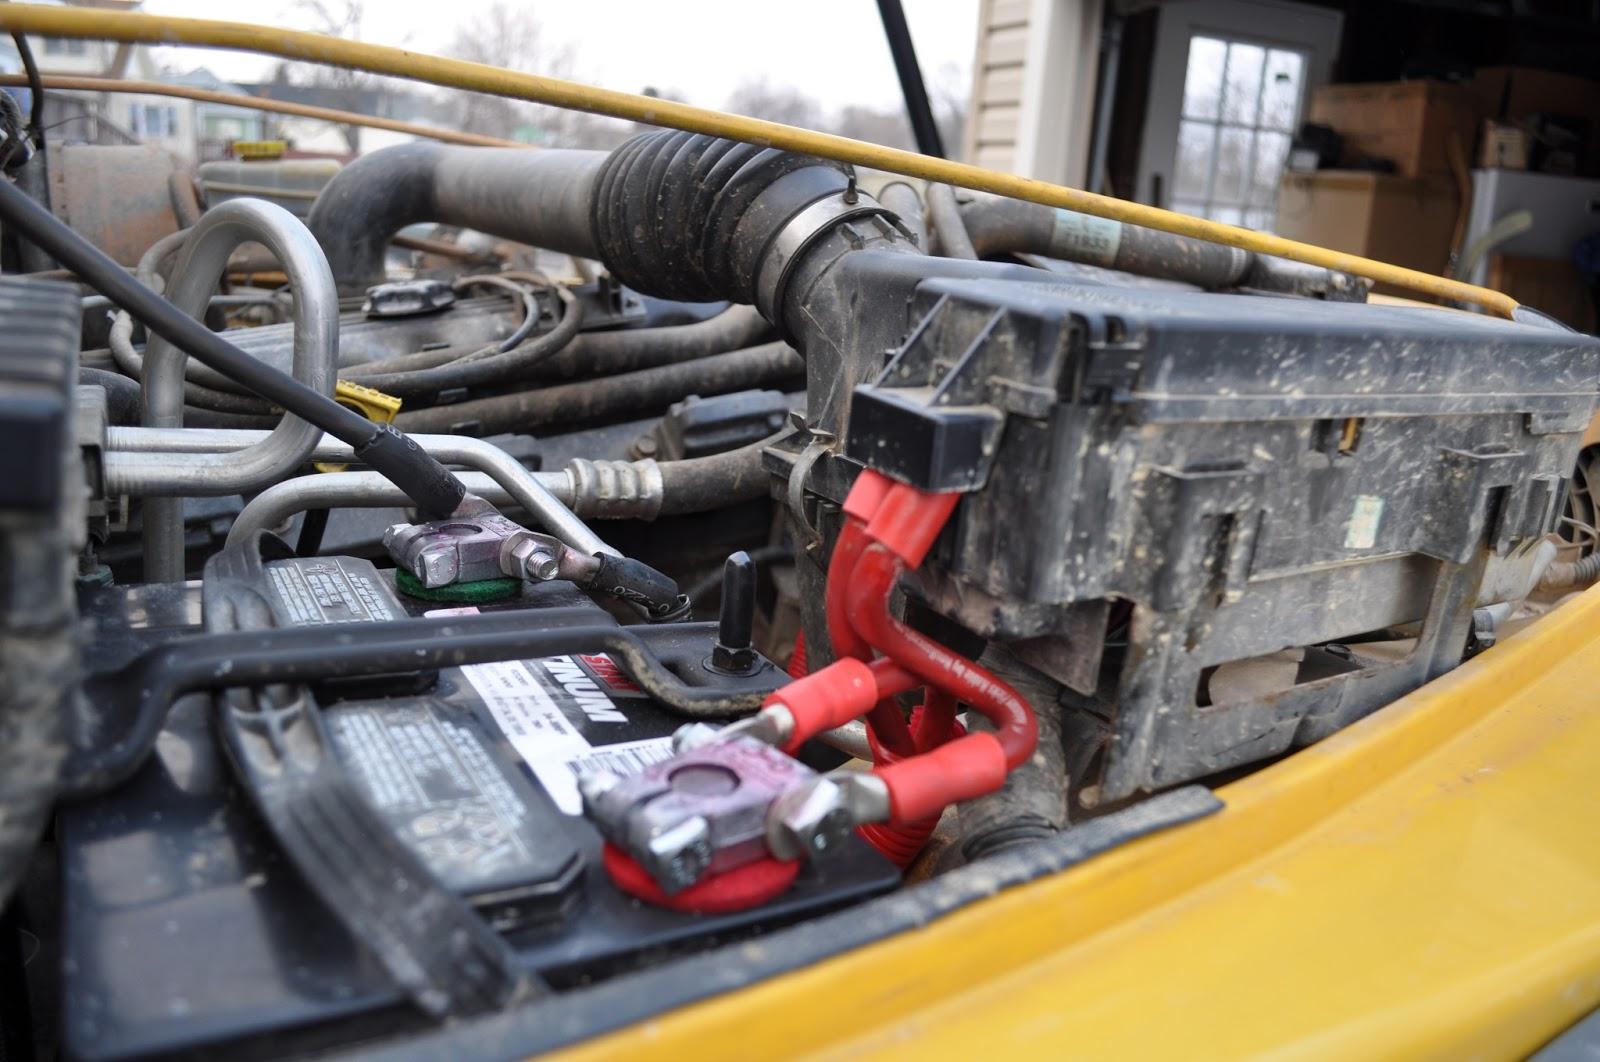 Jeep Tj Battery Wiring | Wiring Schematic Diagram - 19.laiser Jeep Tj Wiring Schematic on nissan wiring schematic, dodge charger wiring schematic, jeep wrangler wiring schematic, hyundai santa fe wiring schematic, mg mgb wiring schematic, jeep cj5 wiring schematic, jeep liberty wiring schematic, dodge dakota wiring schematic, dodge ram wiring schematic, kia sportage wiring schematic, 1994 wrangler ignition schematic, jeep grand cherokee wiring schematic, jeep tj trailer wiring, ford wiring schematic, horn fuse jeep wiring schematic, jeep comanche wiring schematic,